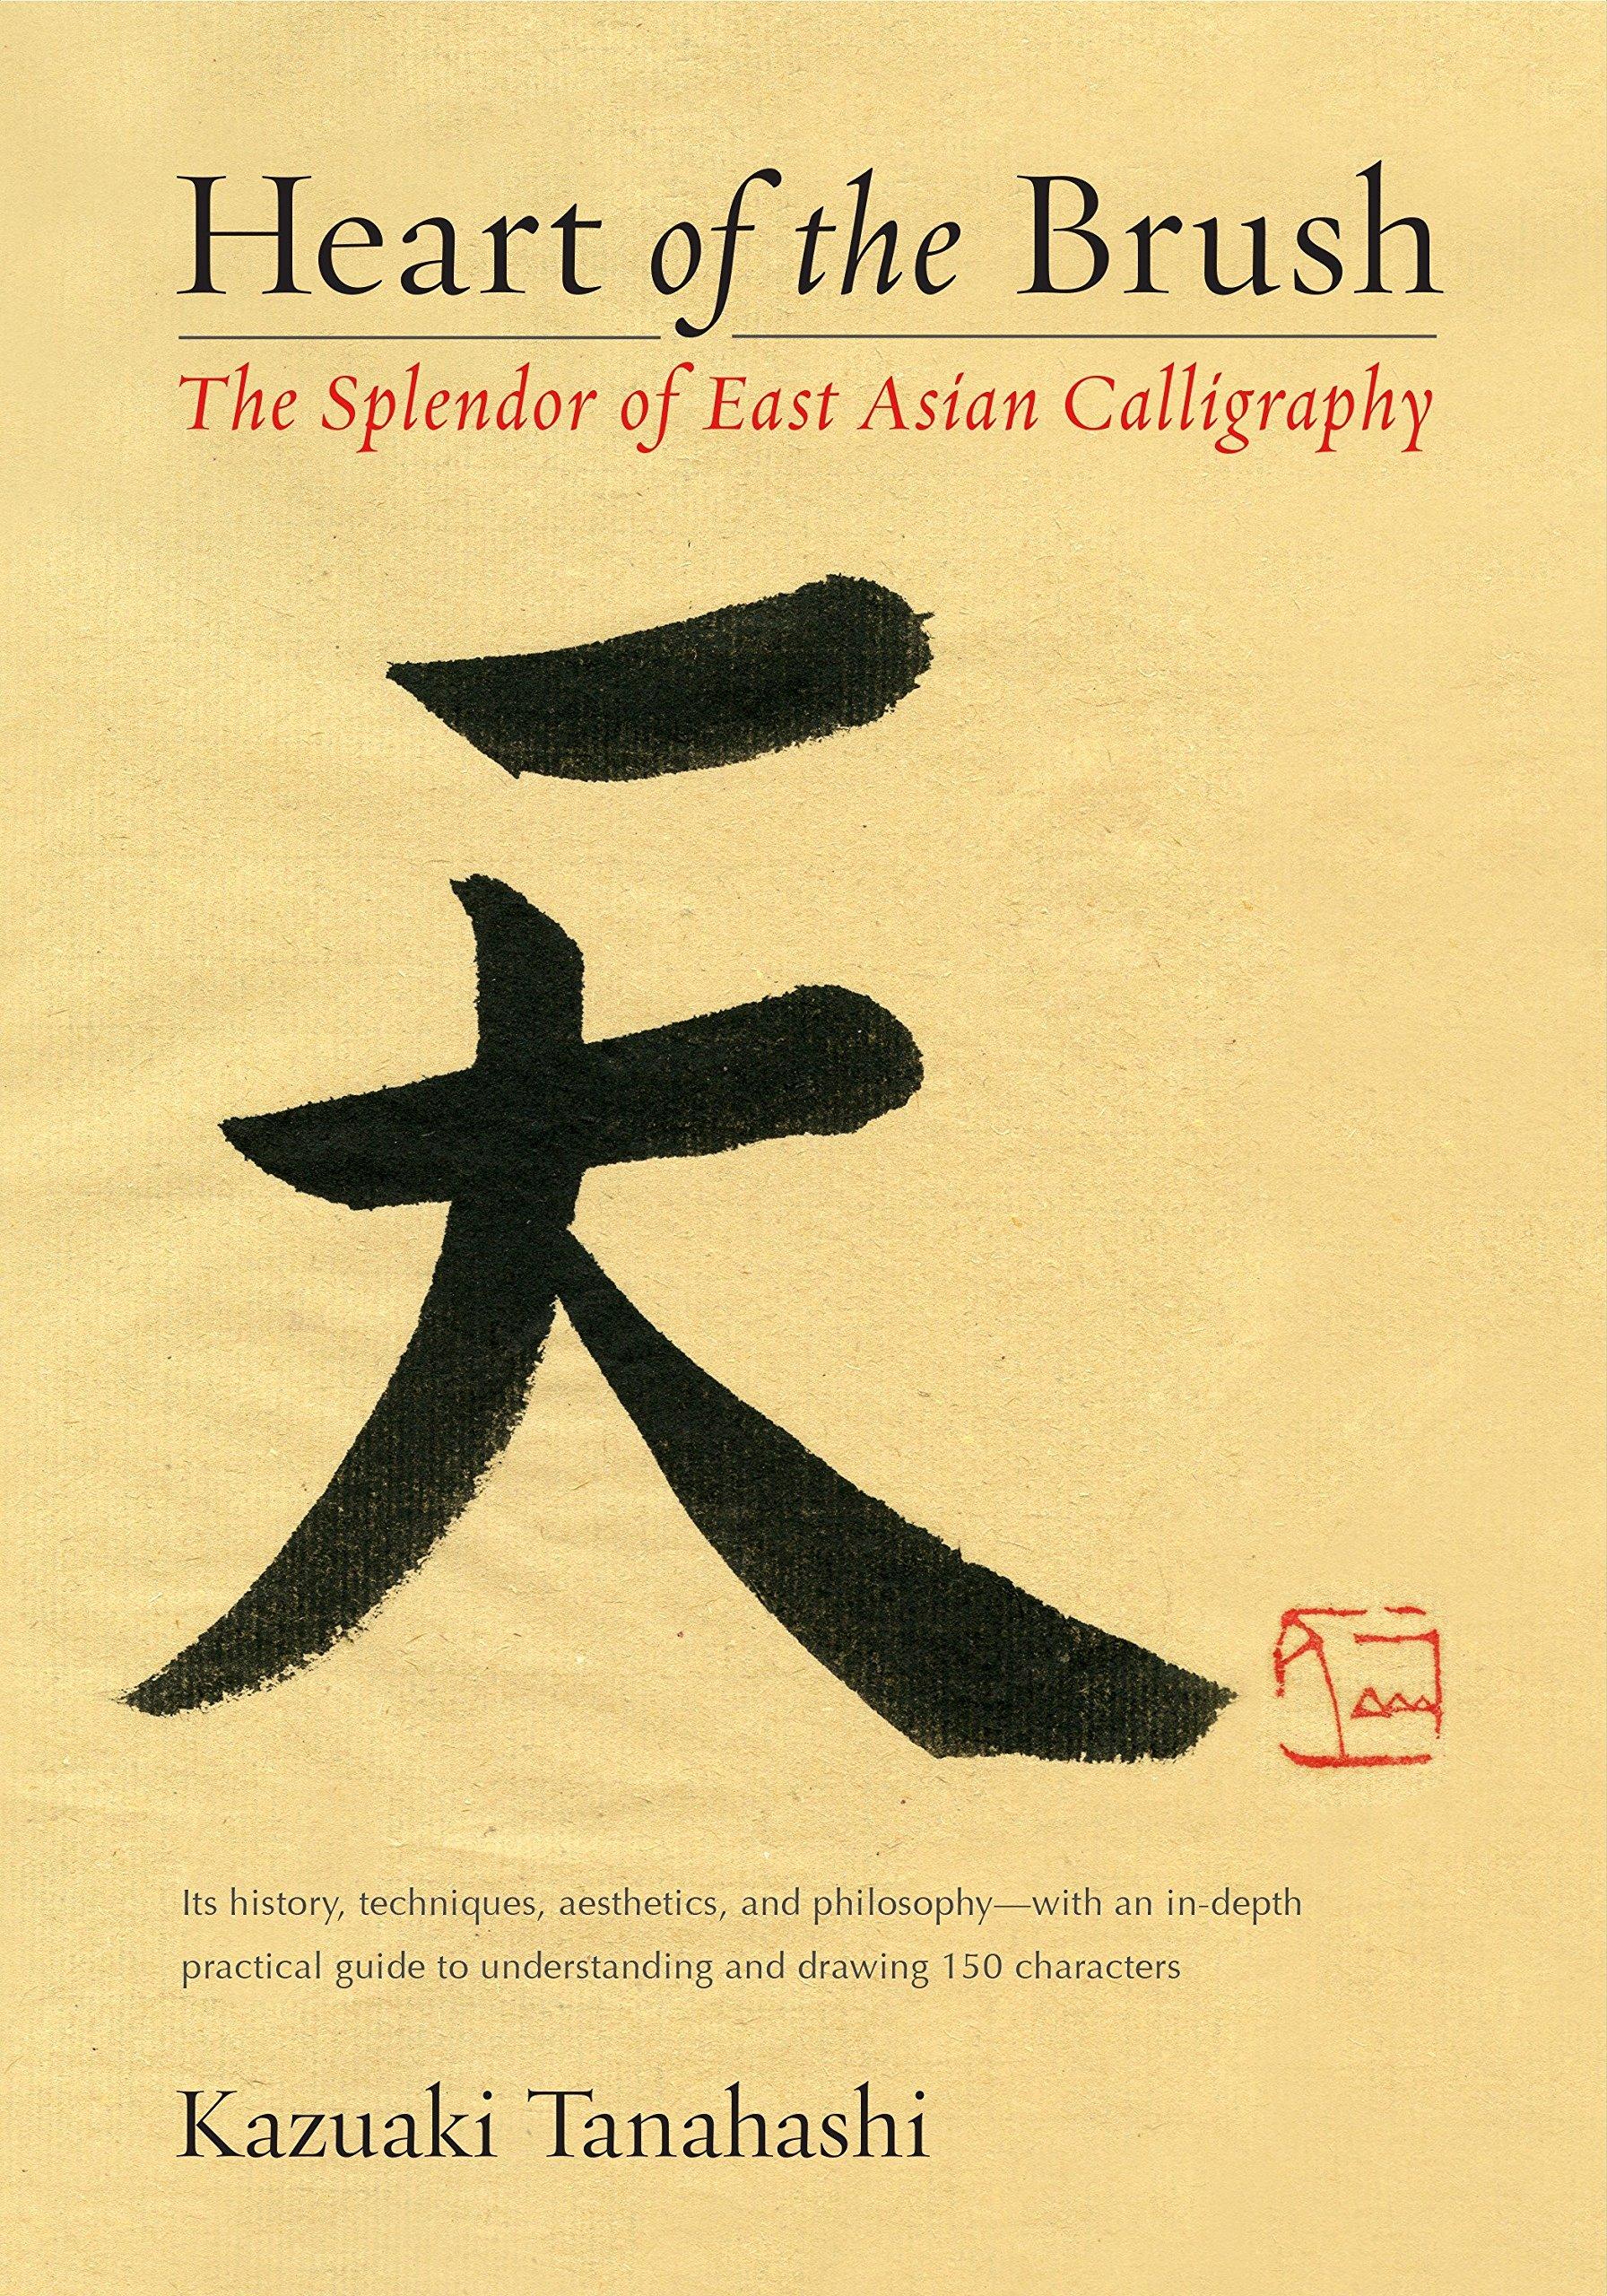 Heart of the Brush: The Splendor of East Asian Calligraphy by SHAMBHALA